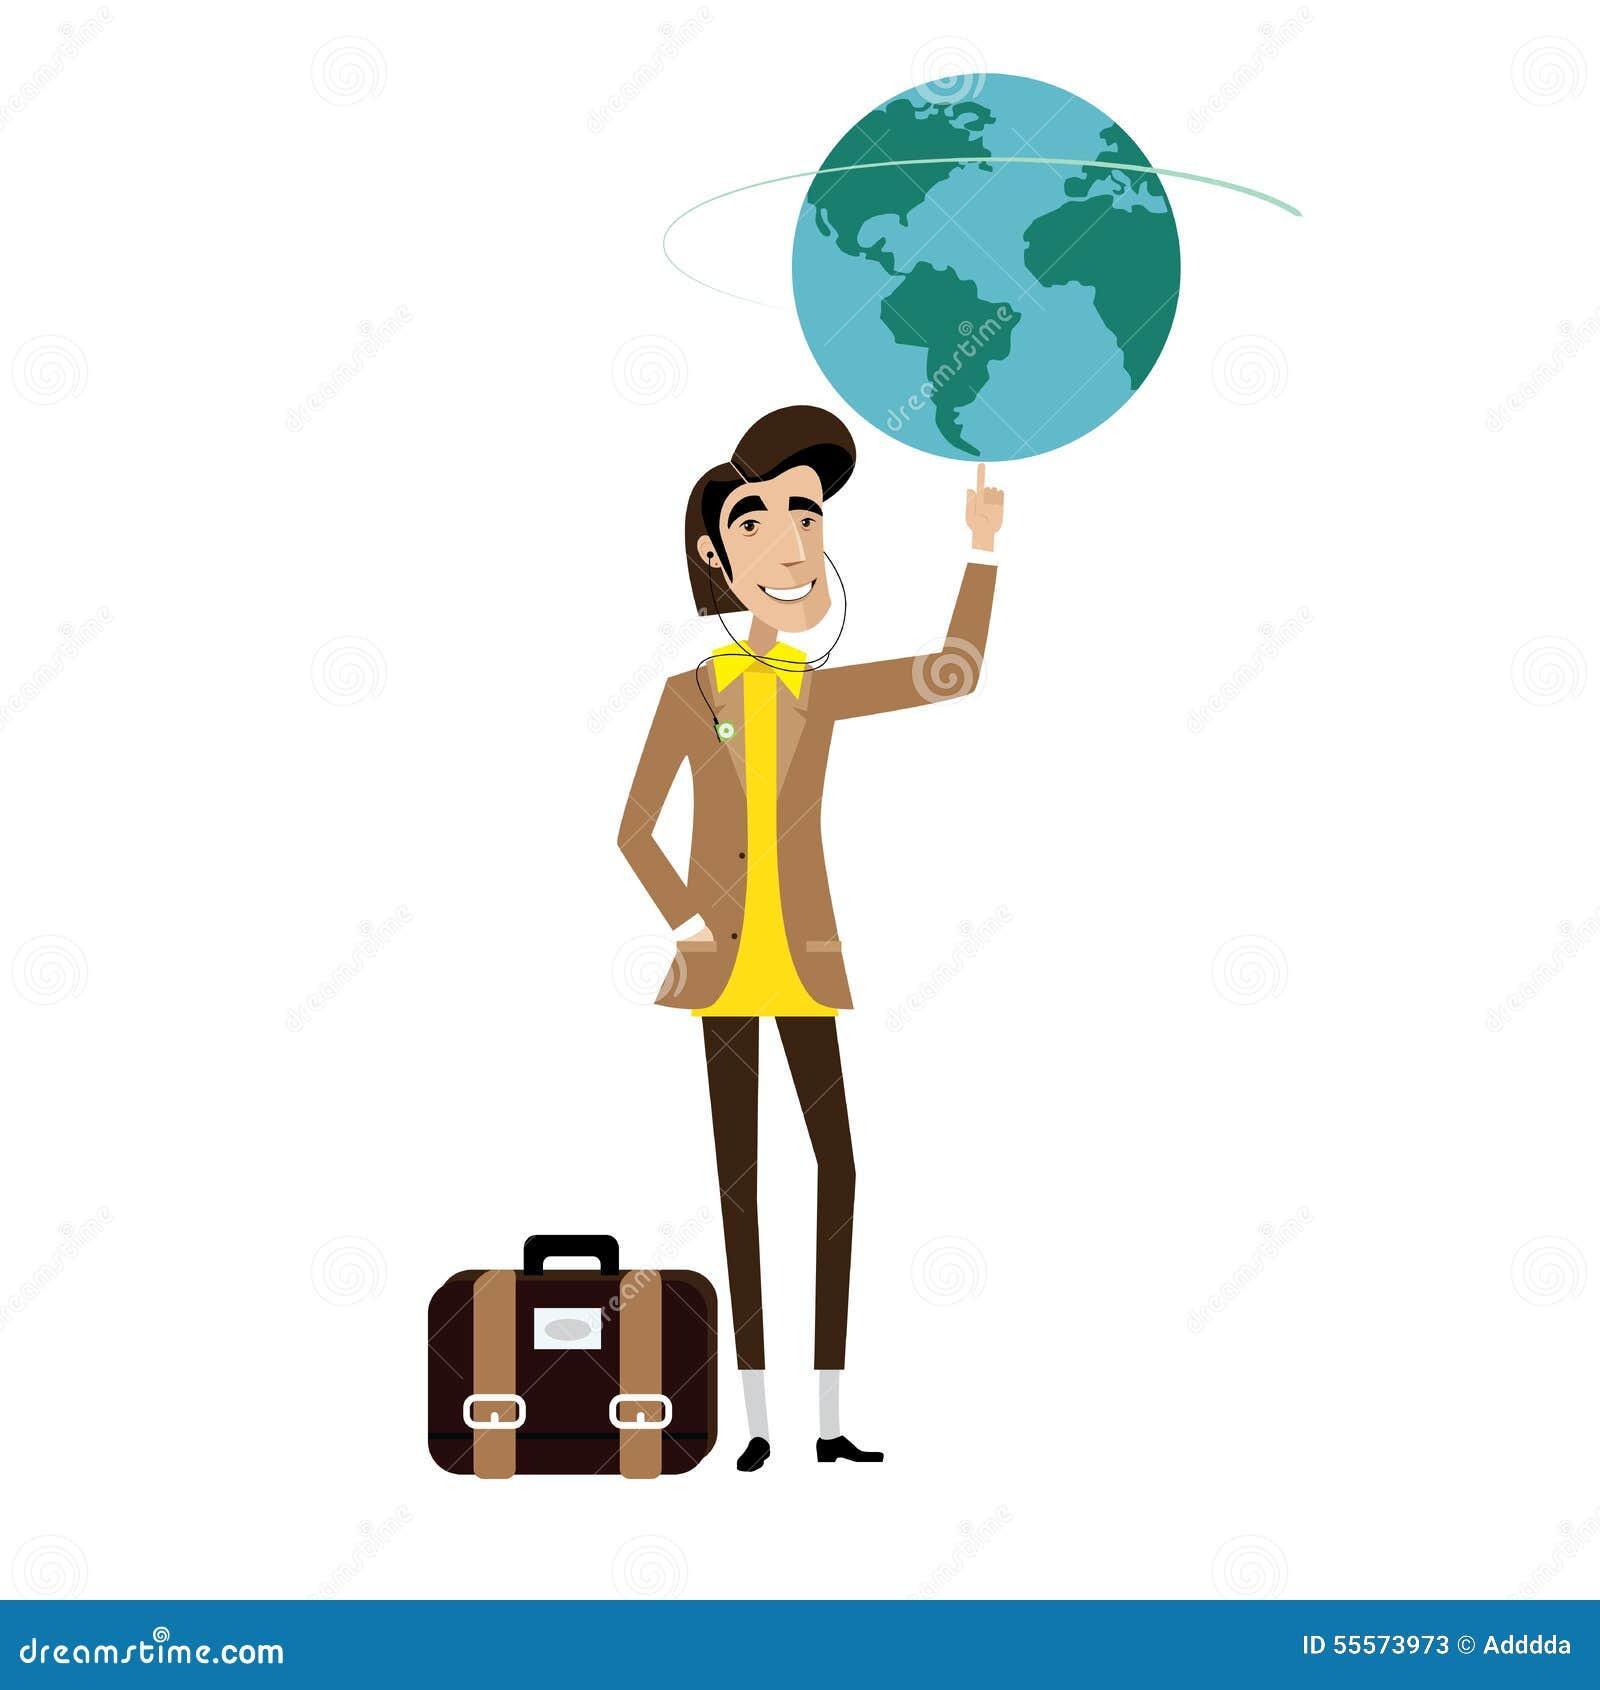 Traveller man spinning globe on finger